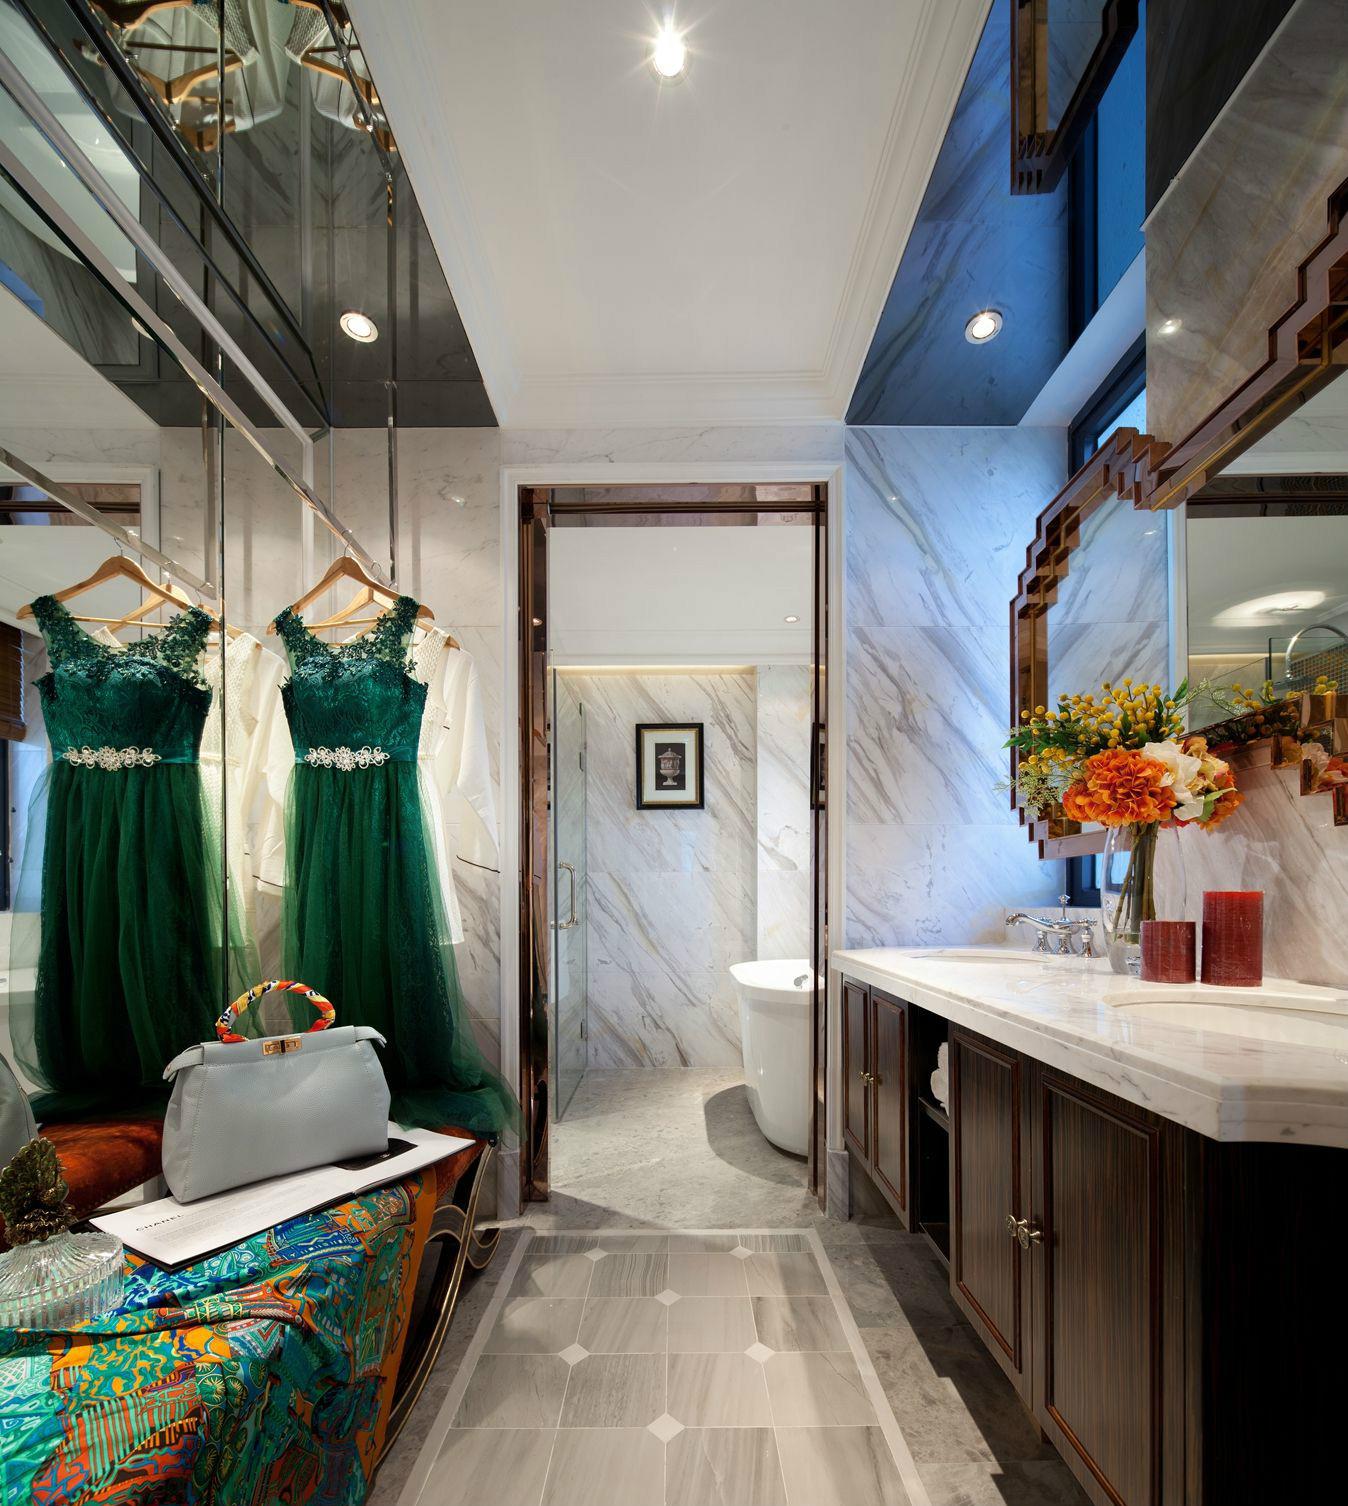 卫生间采用干湿分离设计,让空间更好除湿和通气。拥有纹理的卫浴柜台面,与木质橱柜结合,古朴有质感。